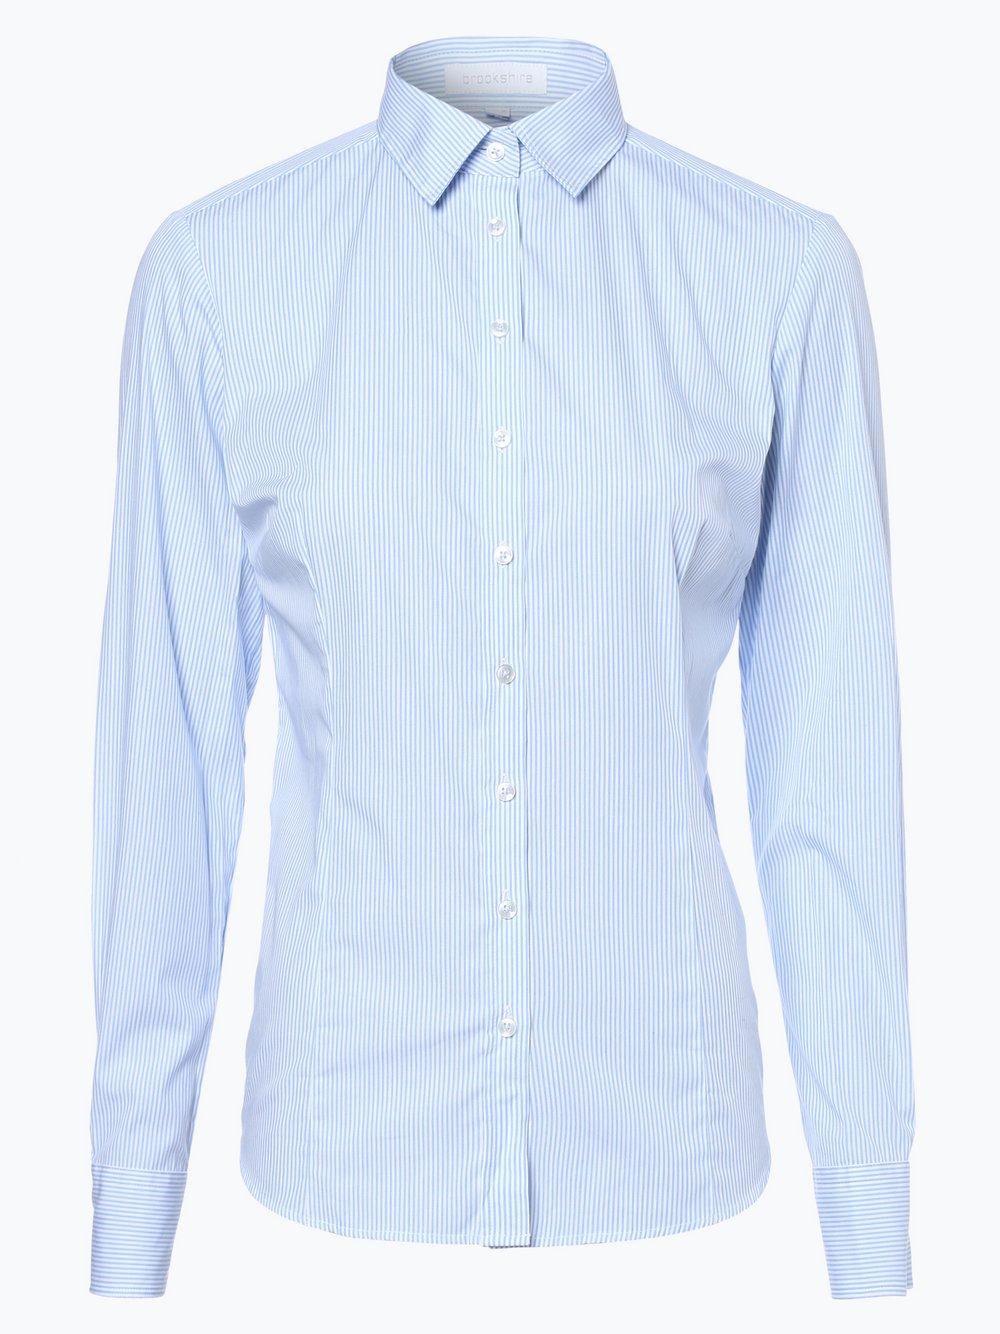 brookshire - Bluzka damska, niebieski